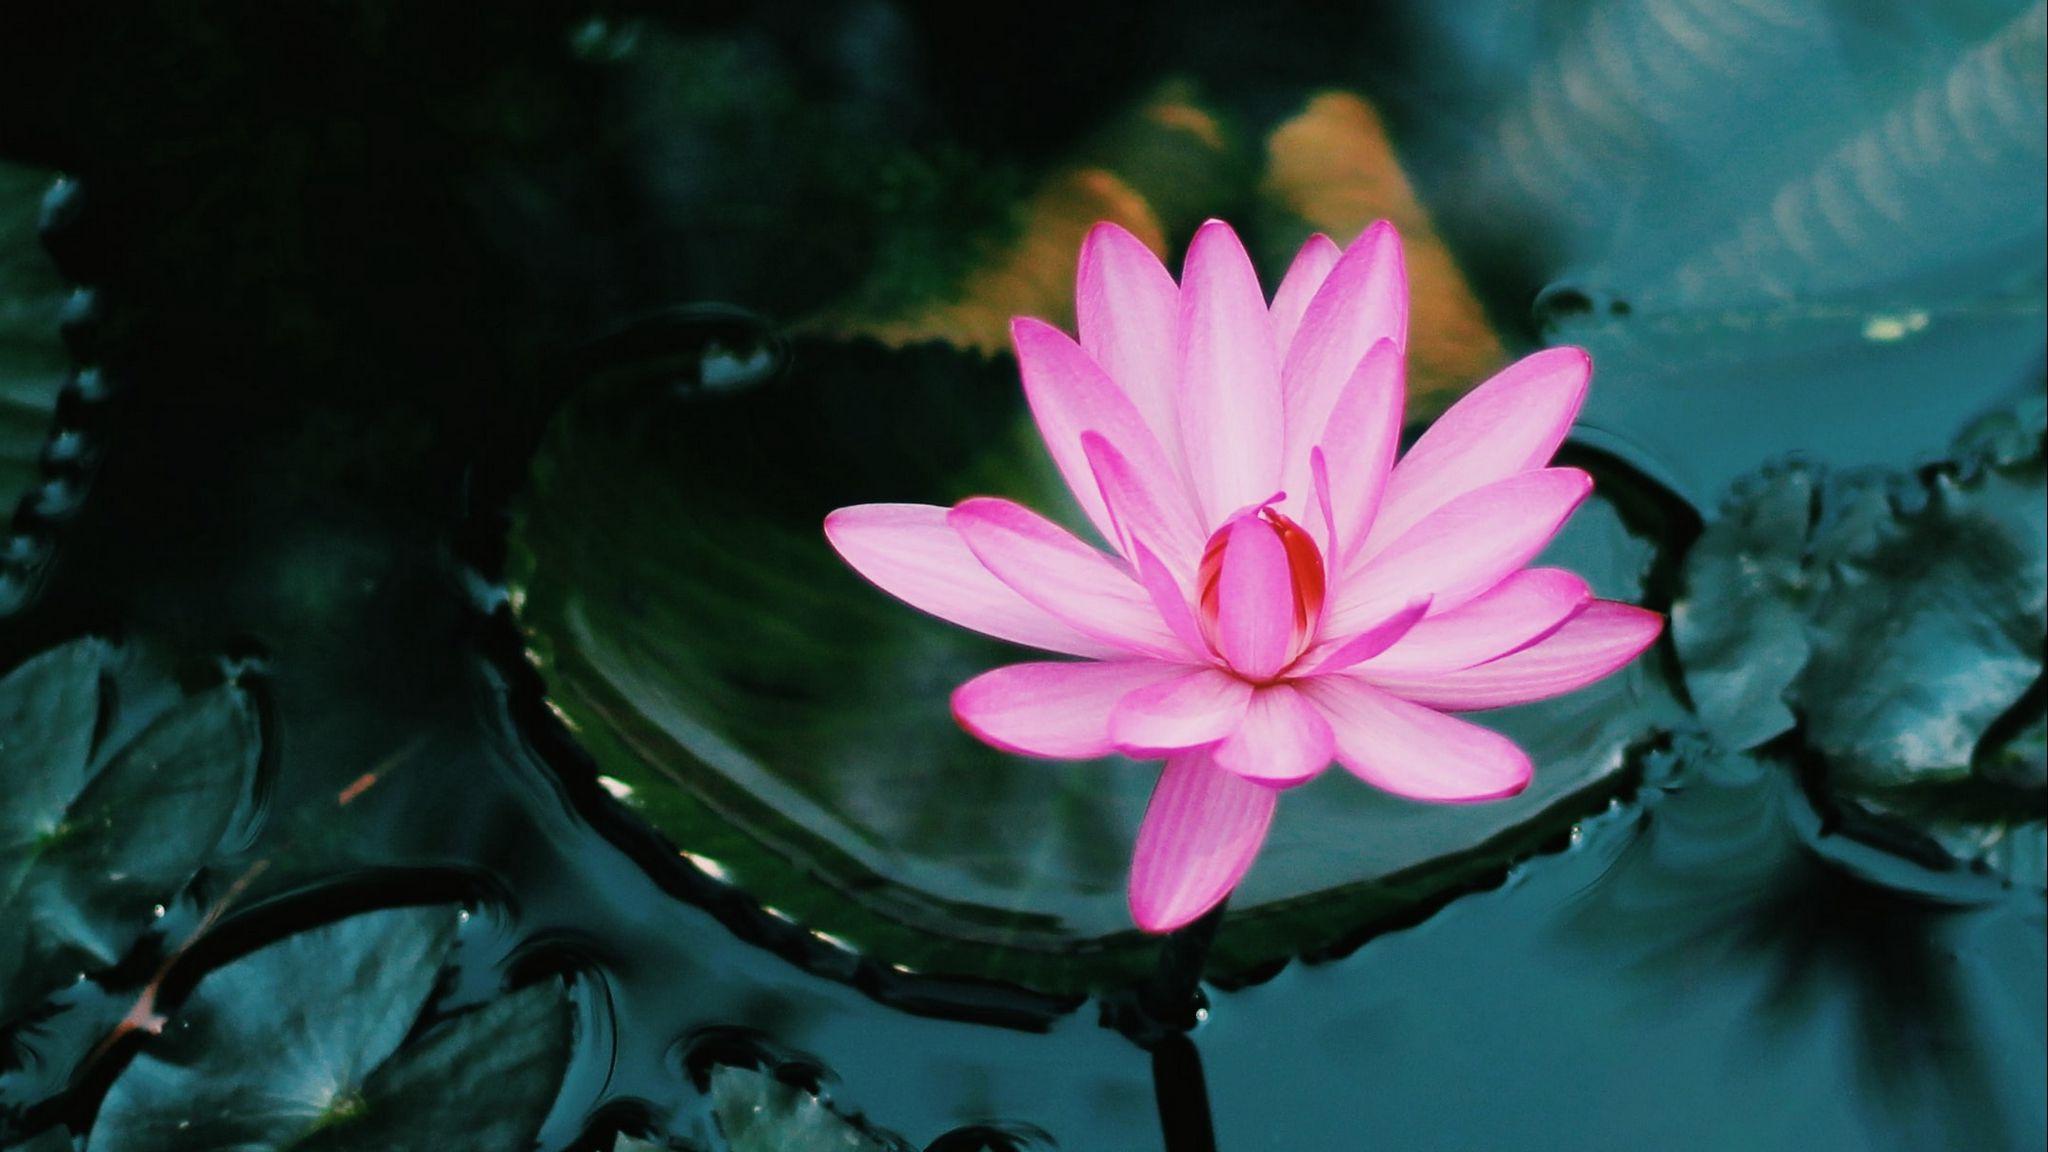 Wallpaper Lotus floating in water